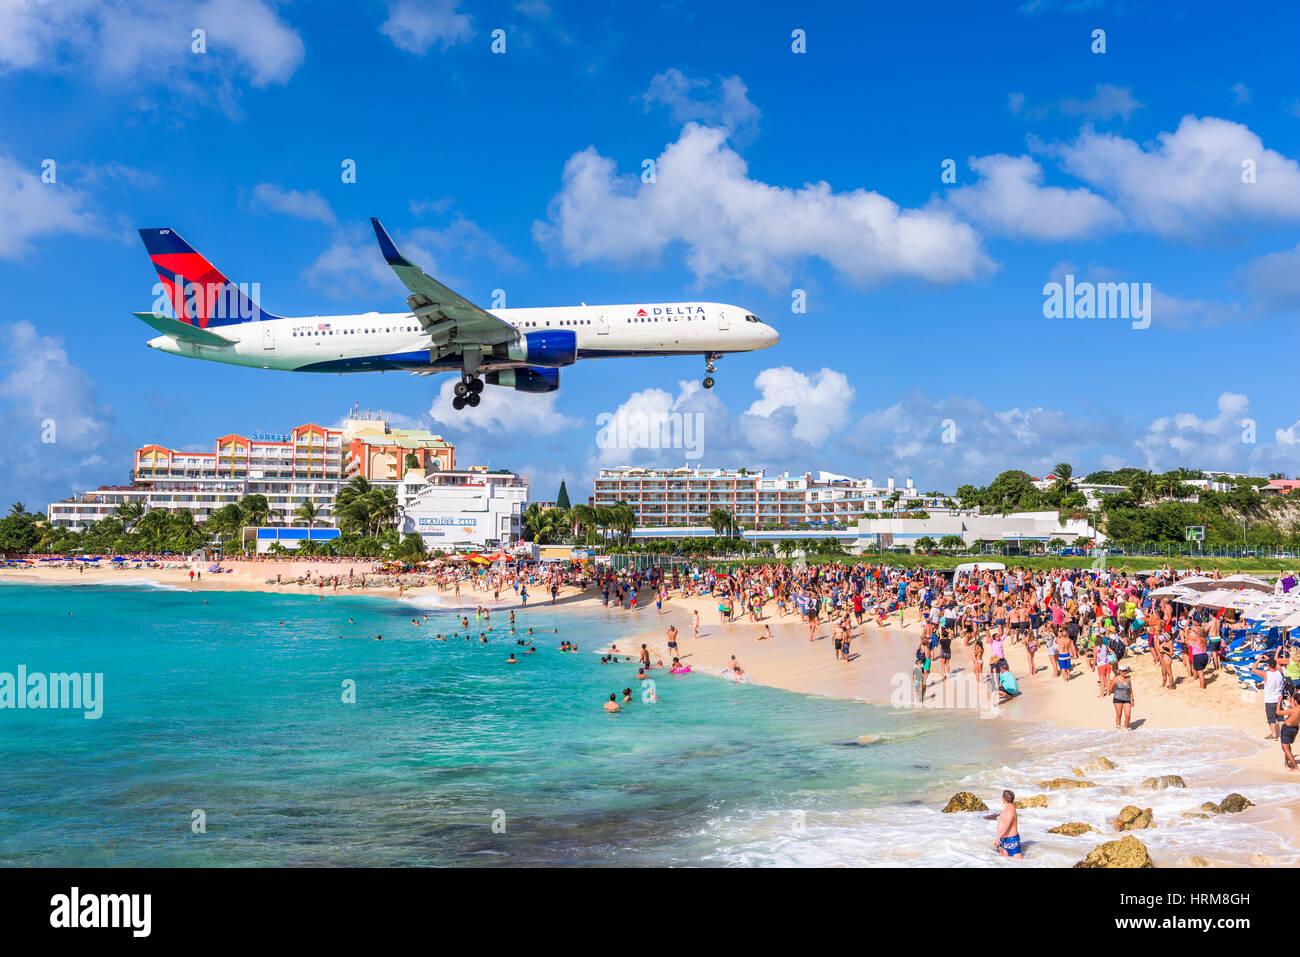 PHILIPSBURG, Sint Maarten - Dezembro 28, 2016: um jato comercial de abordagens Princess Juliana airport acima panorâmica Imagens de Stock